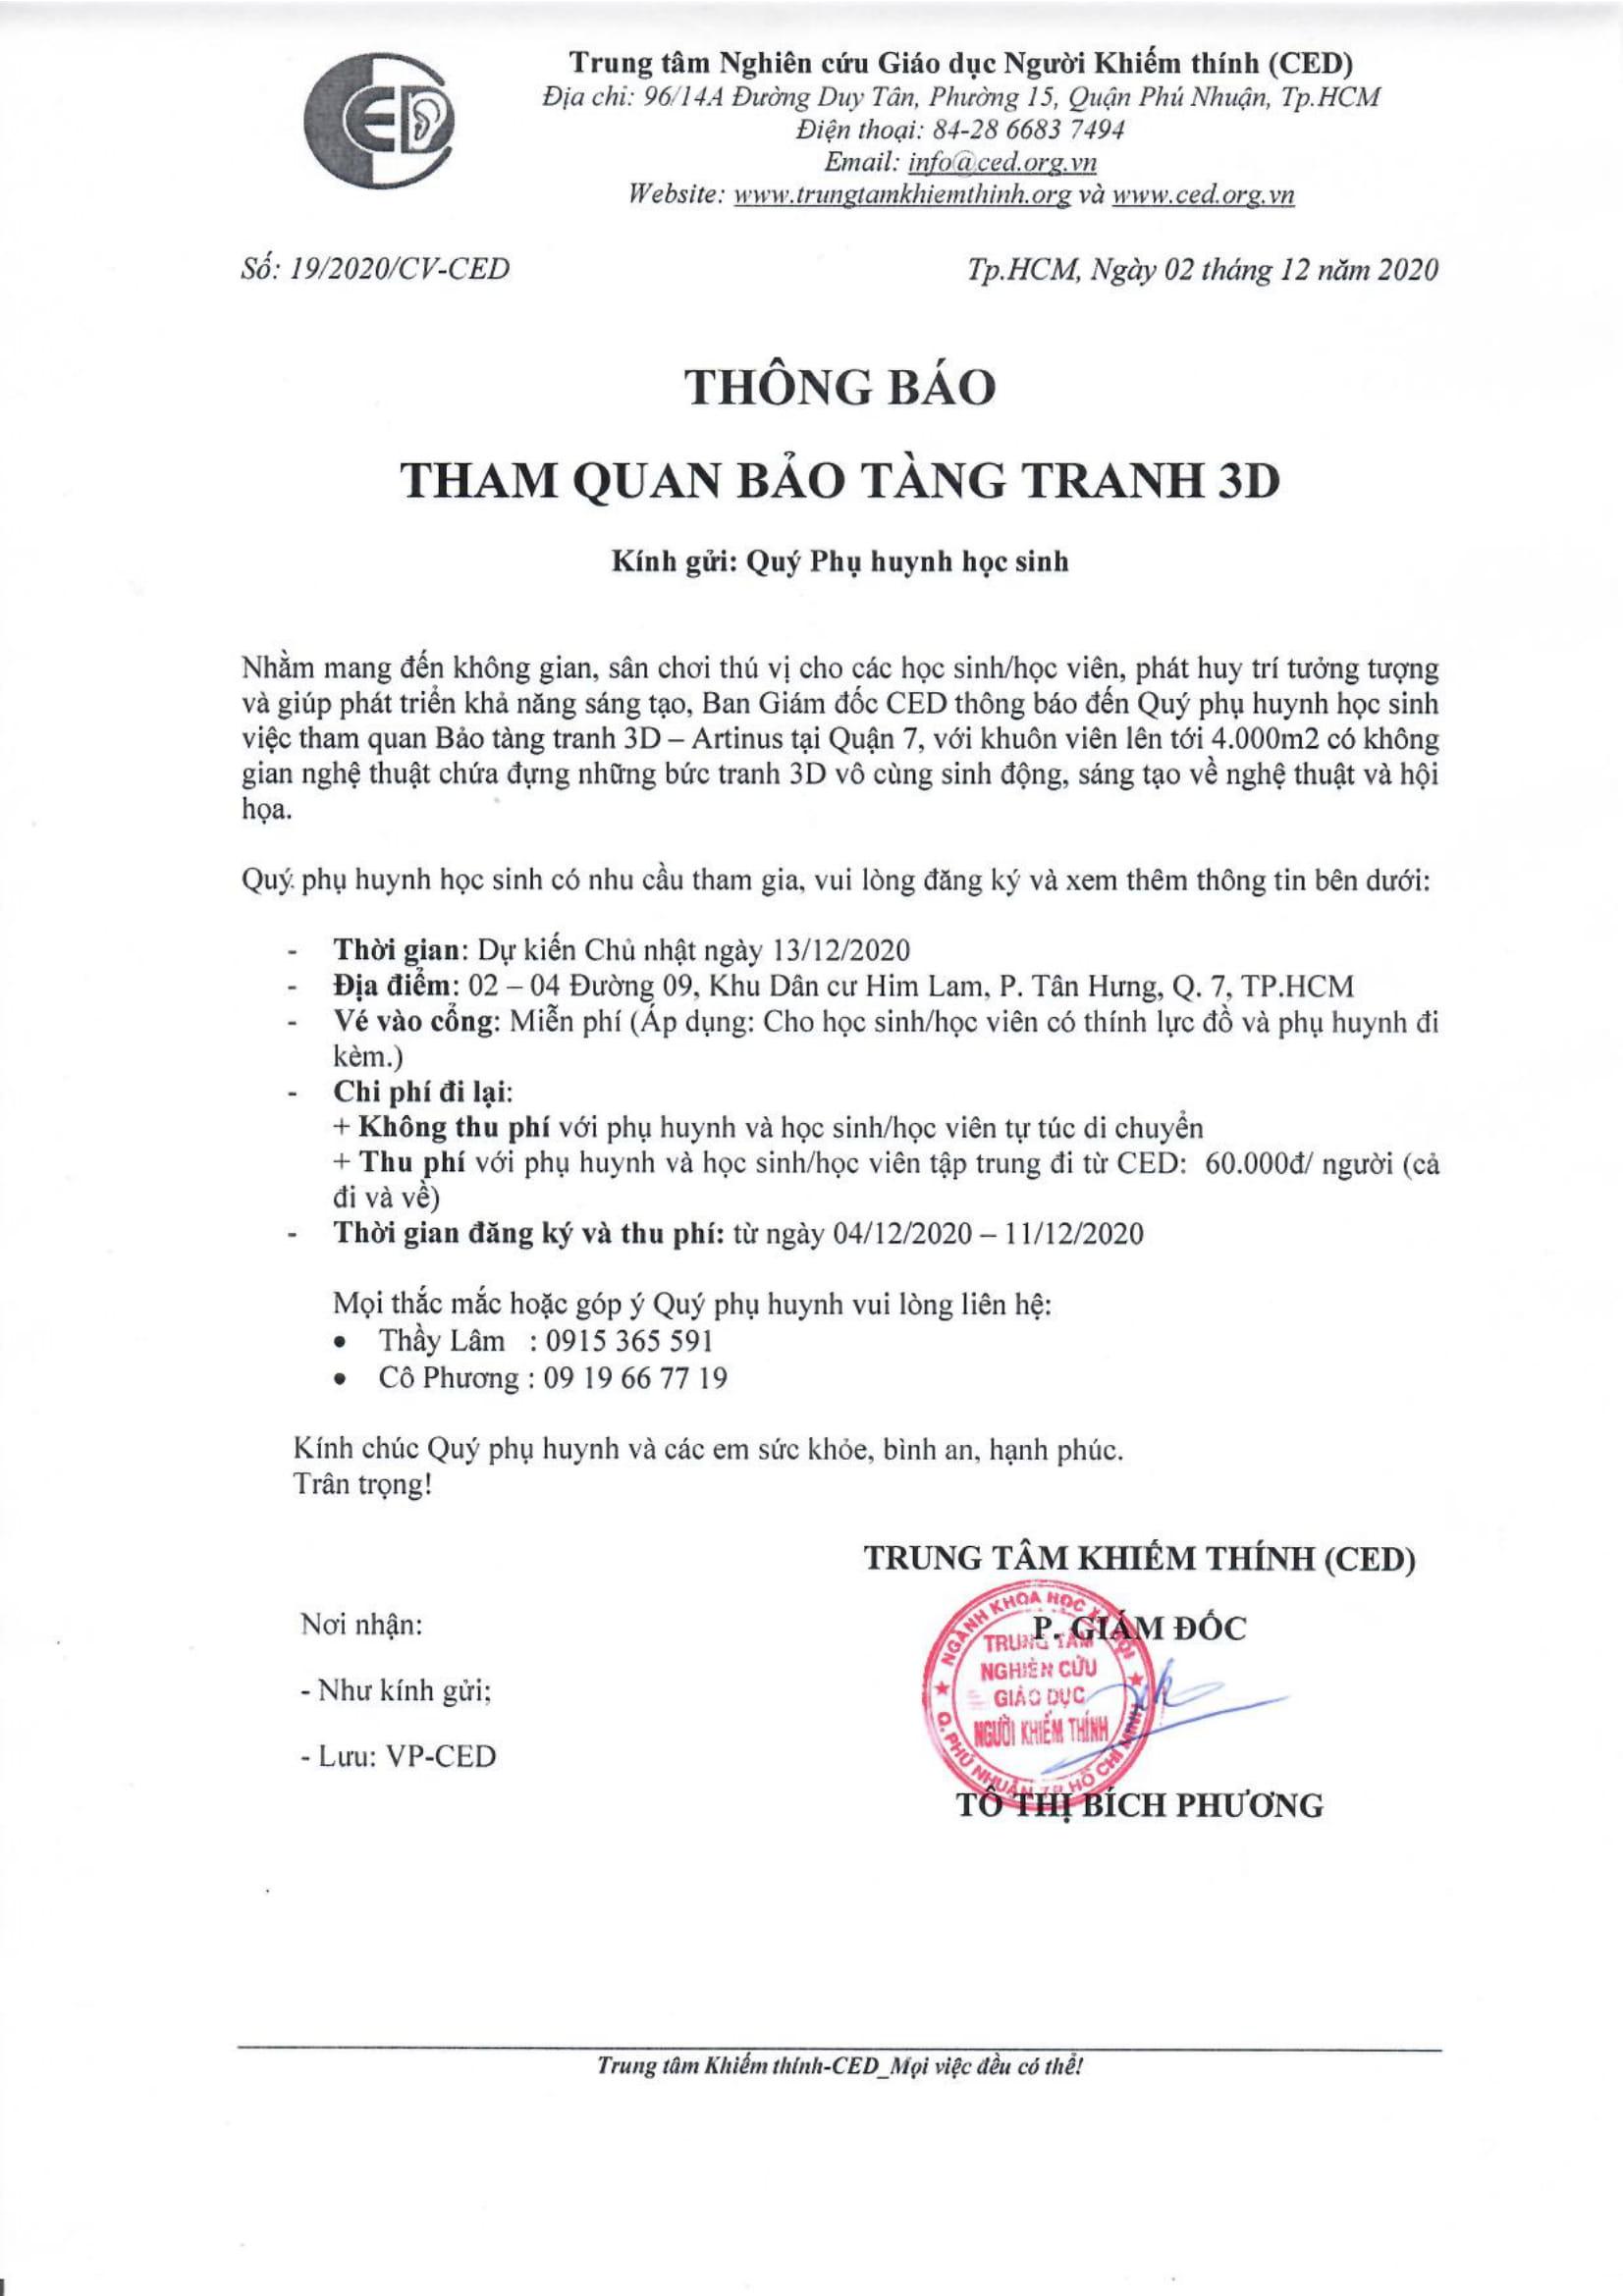 THÔNG BÁO THAM QUAN BẢO TÀNG TRANH 3D